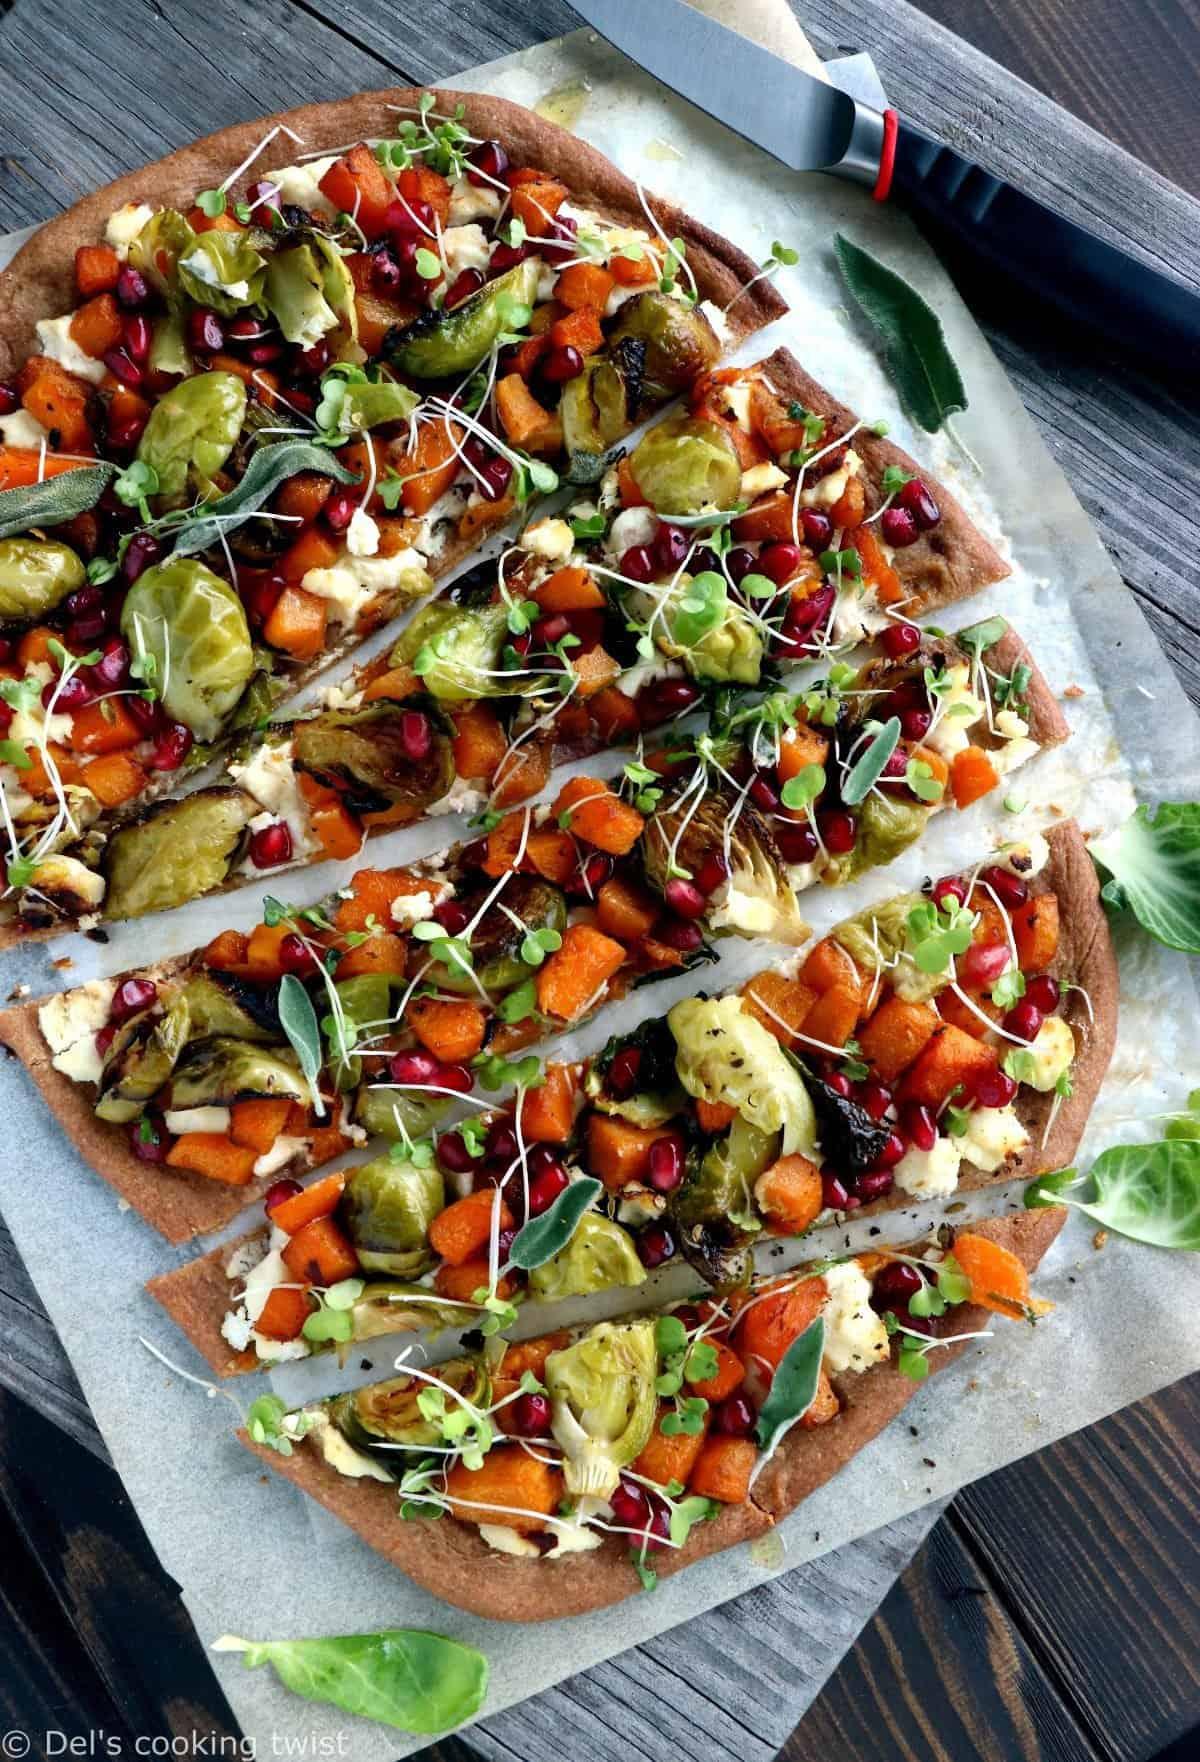 Pizza complète à la courge butternut et aux choux de Bruxelles